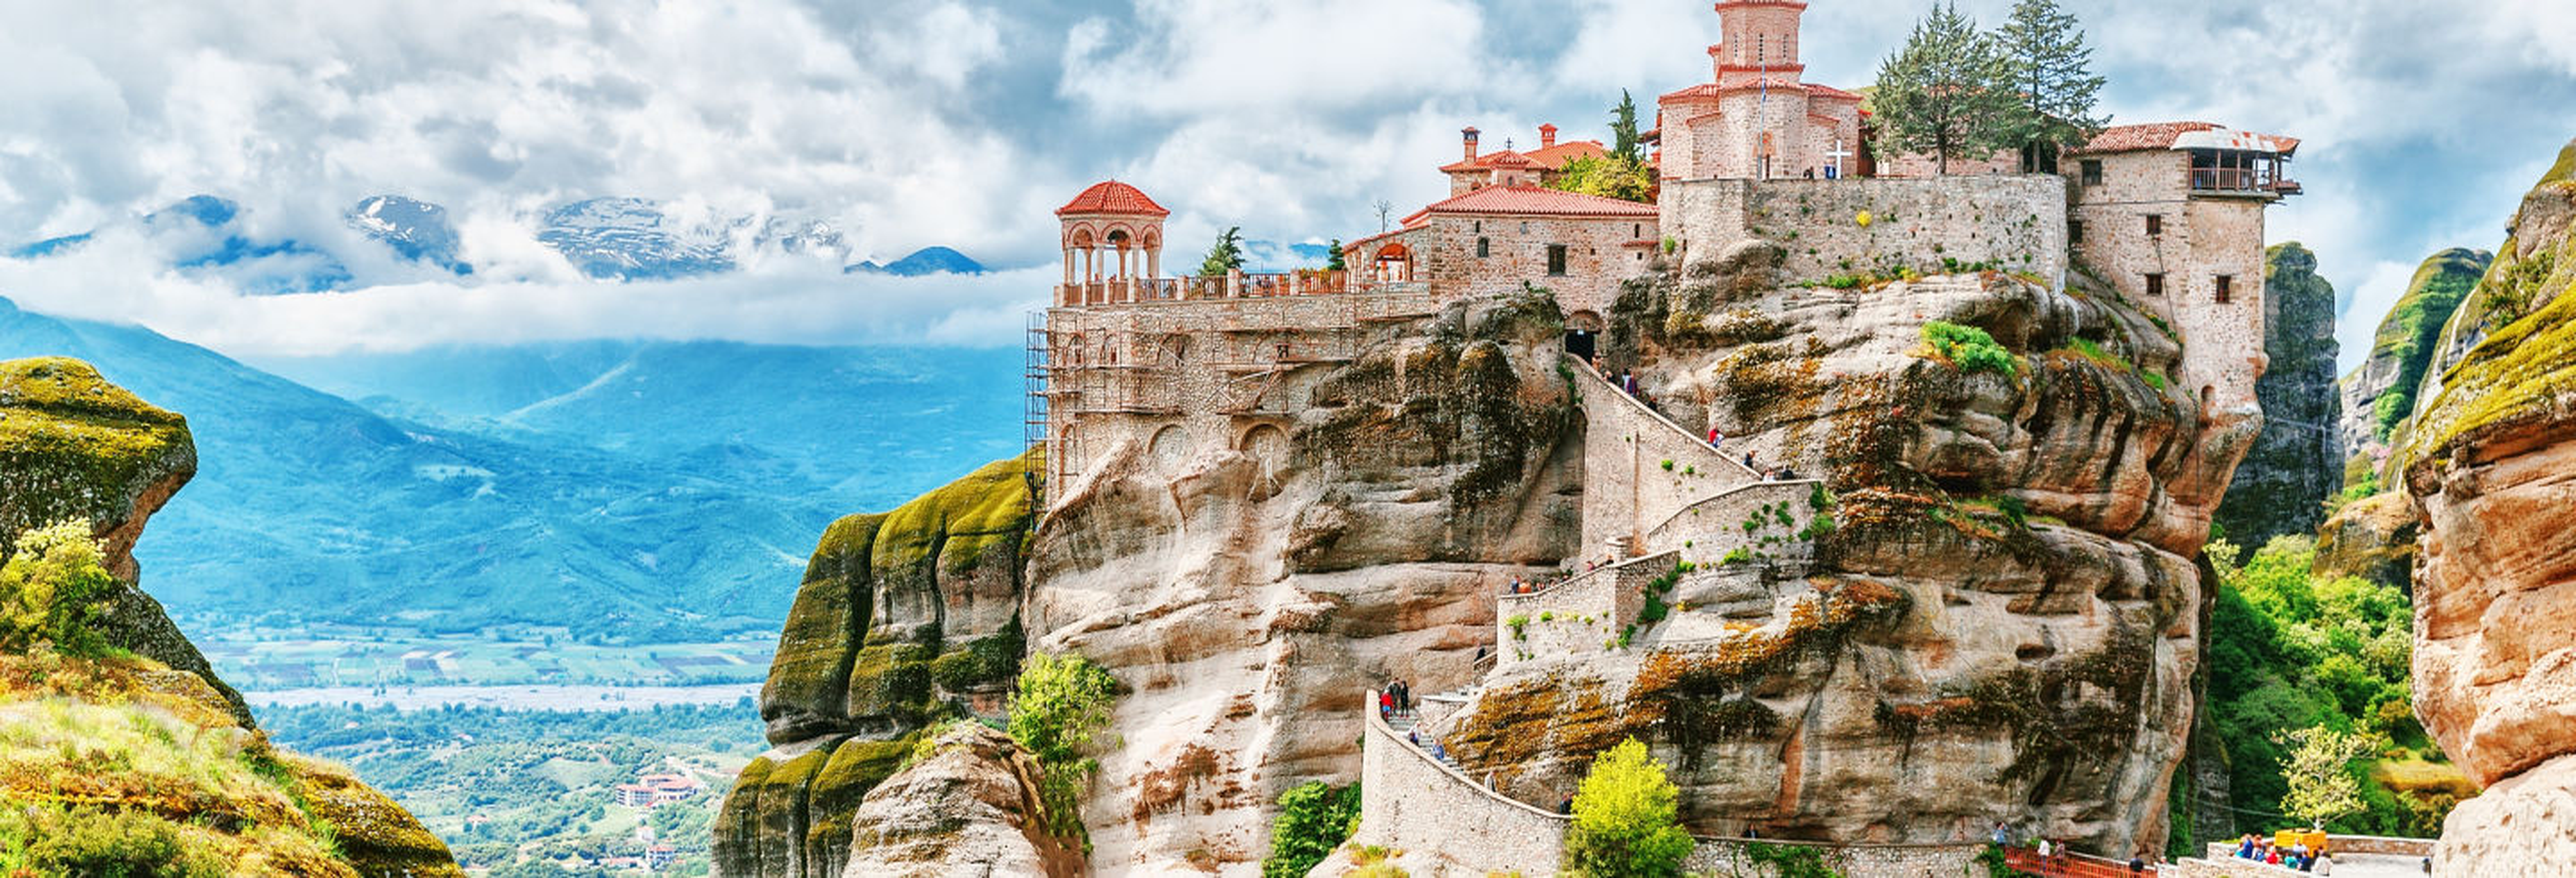 Escursione ai monasteri di Meteora